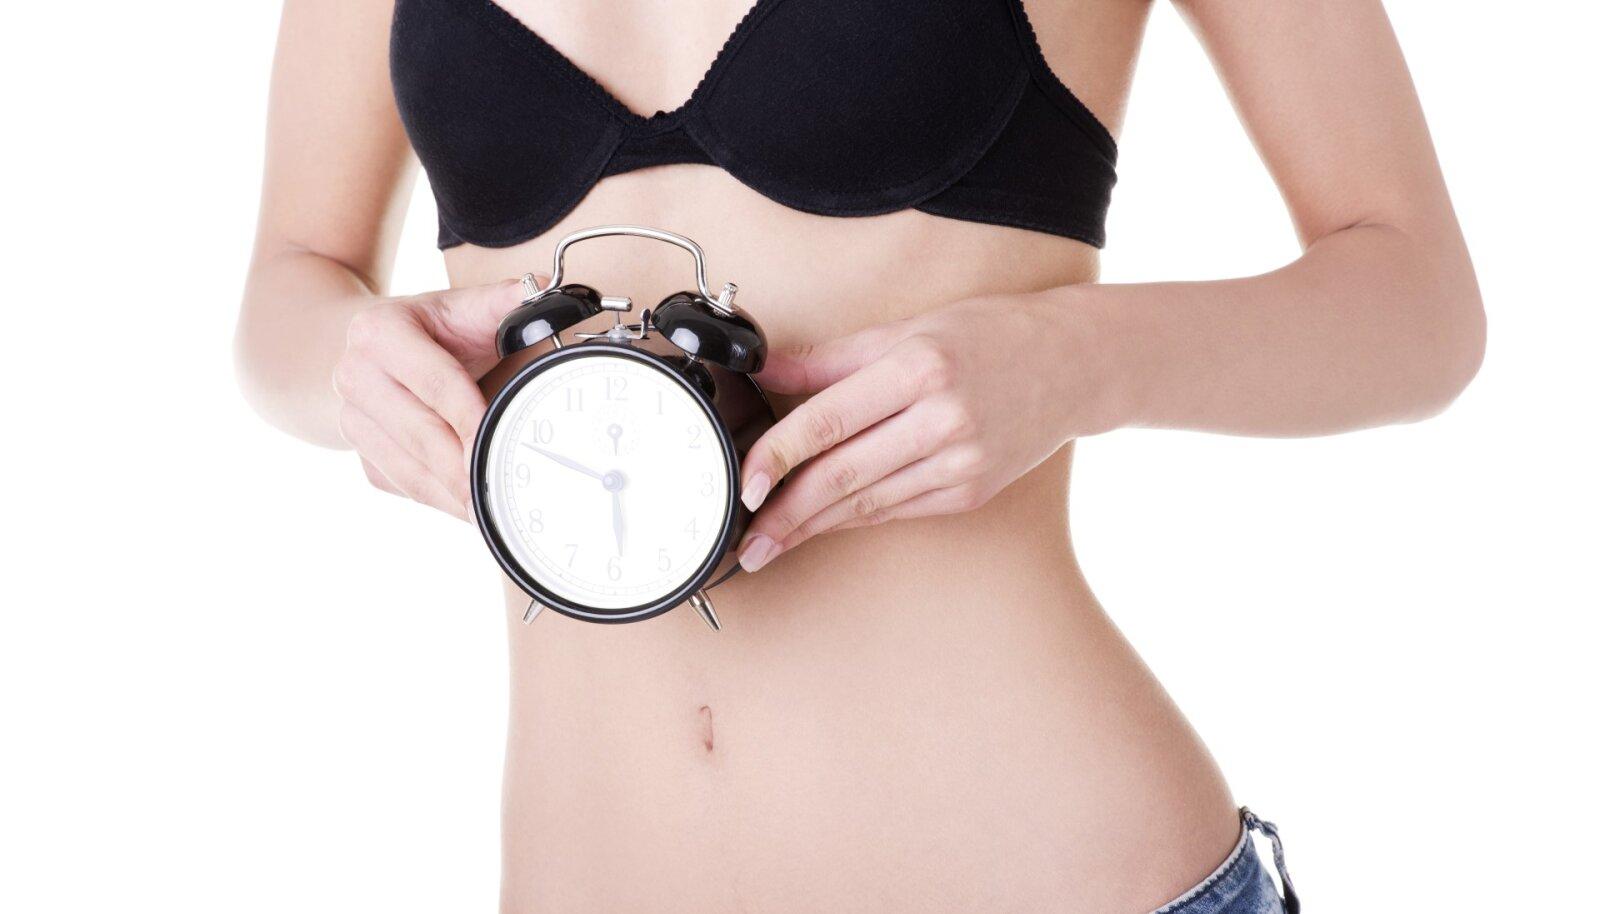 Kas keha poleb rasva magamisel Eemaldage rasv kulmaga